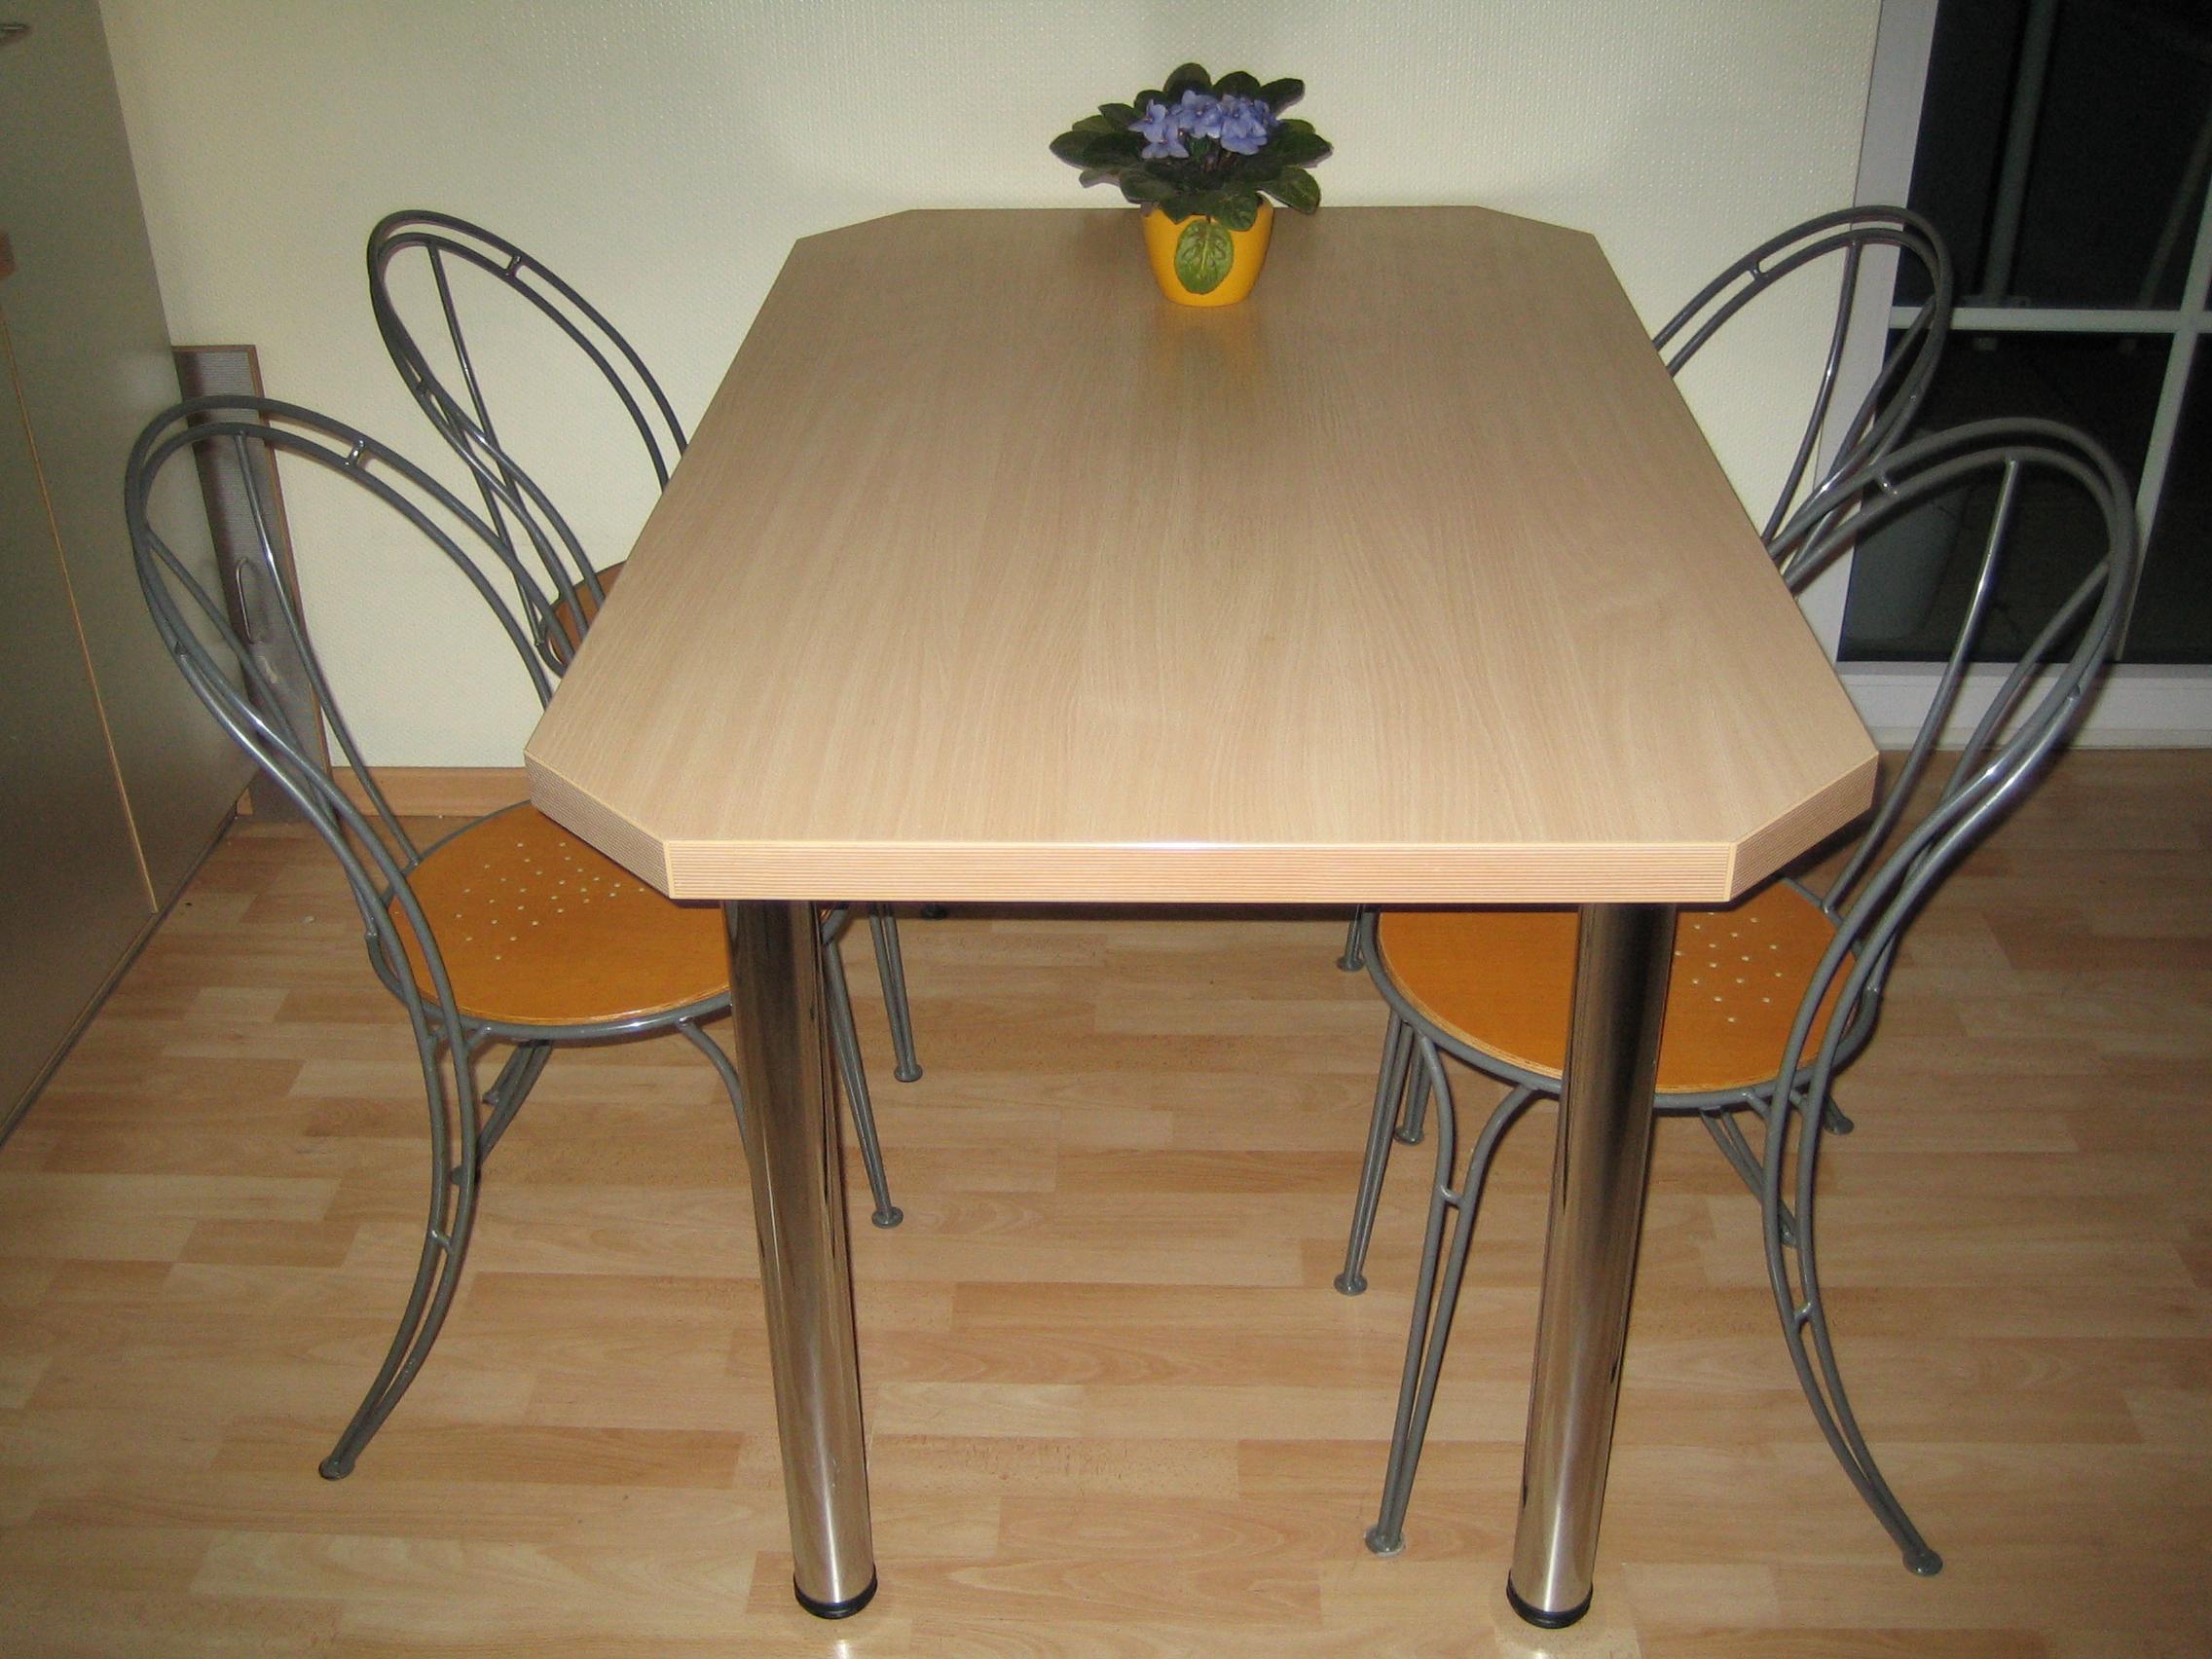 m bel und haushalt kleinanzeigen in frankfurt am main seite 9. Black Bedroom Furniture Sets. Home Design Ideas